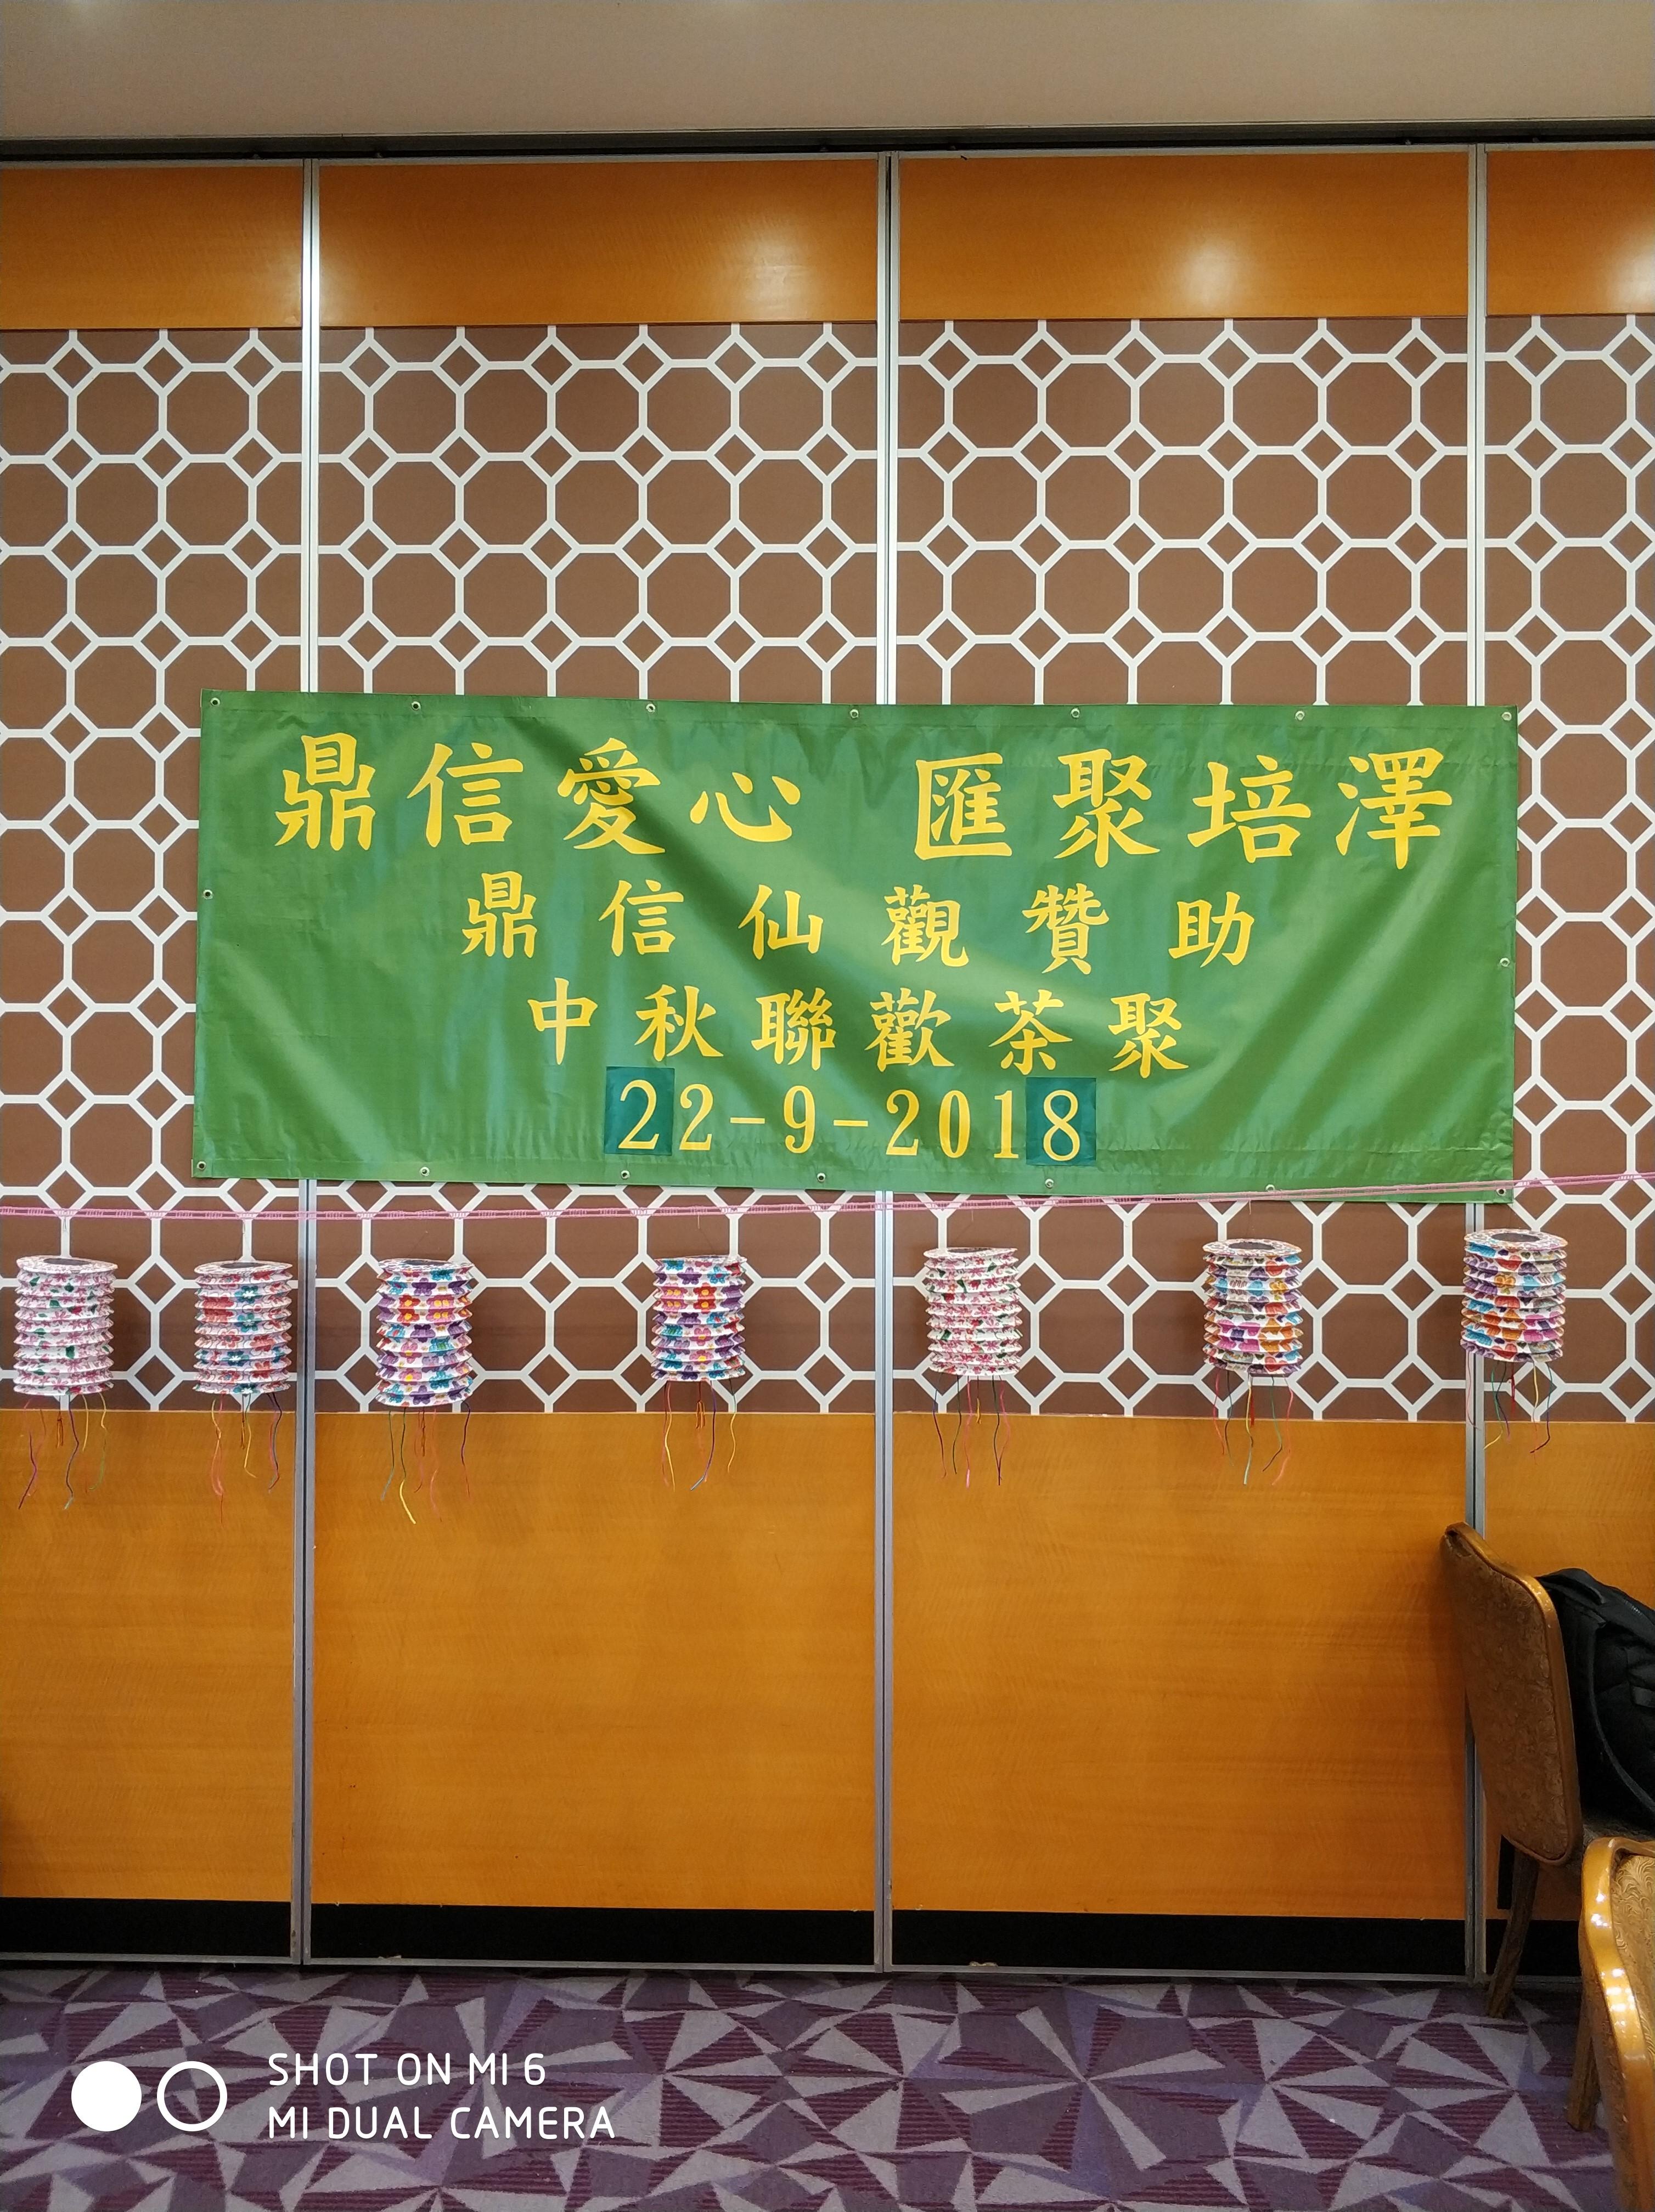 2018探訪培澤協進會之長者及弱智中心,舉辦中秋茶聚1.jpg